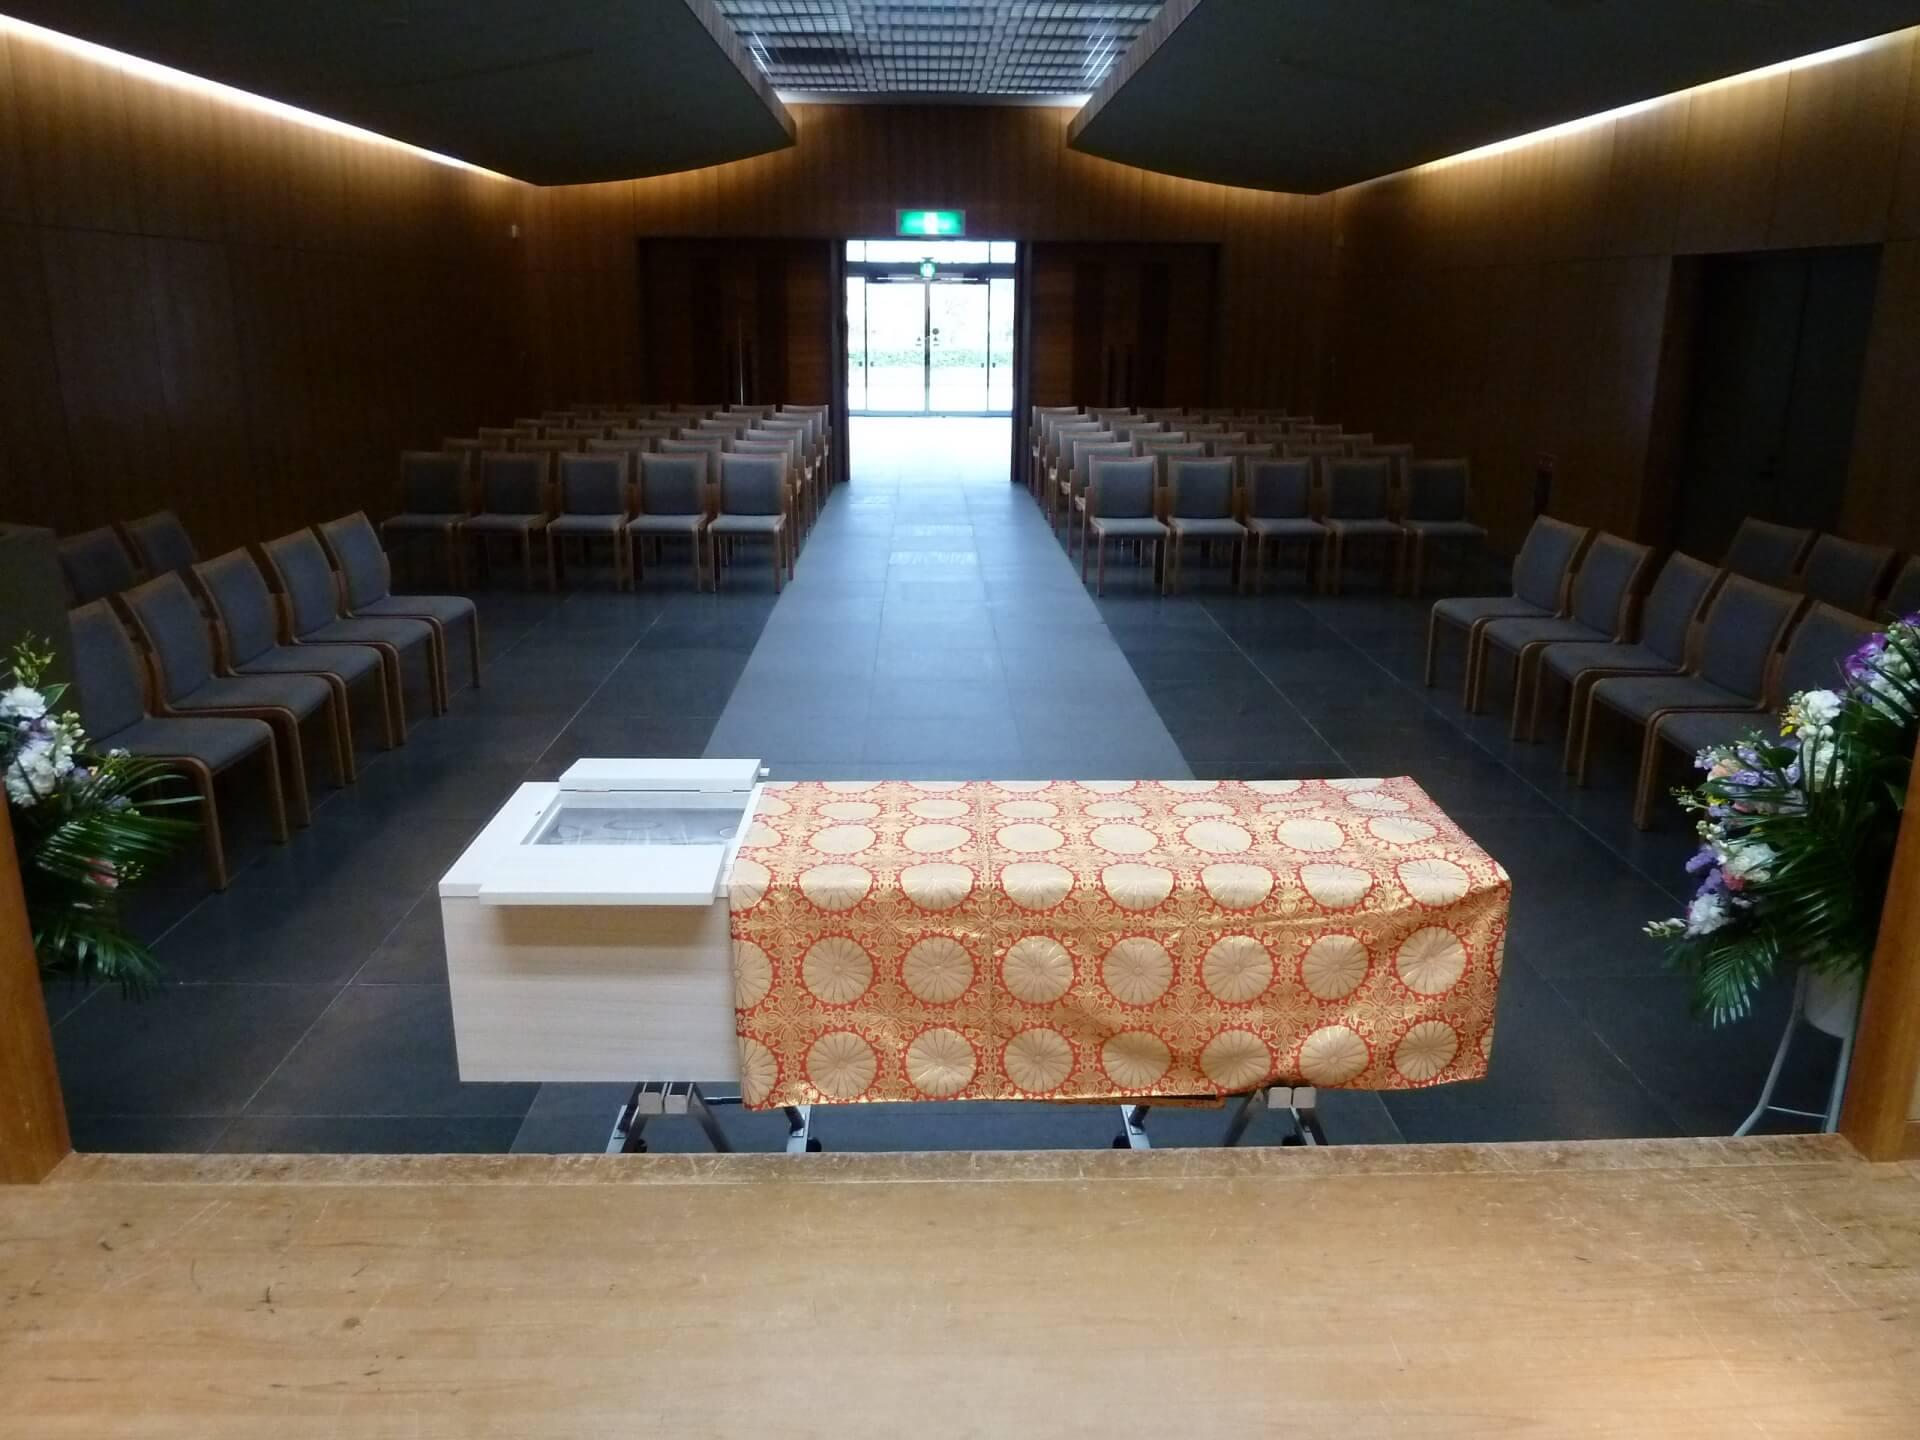 川崎市で家族葬を!小規模化する葬儀、通夜をしない家族葬が増加